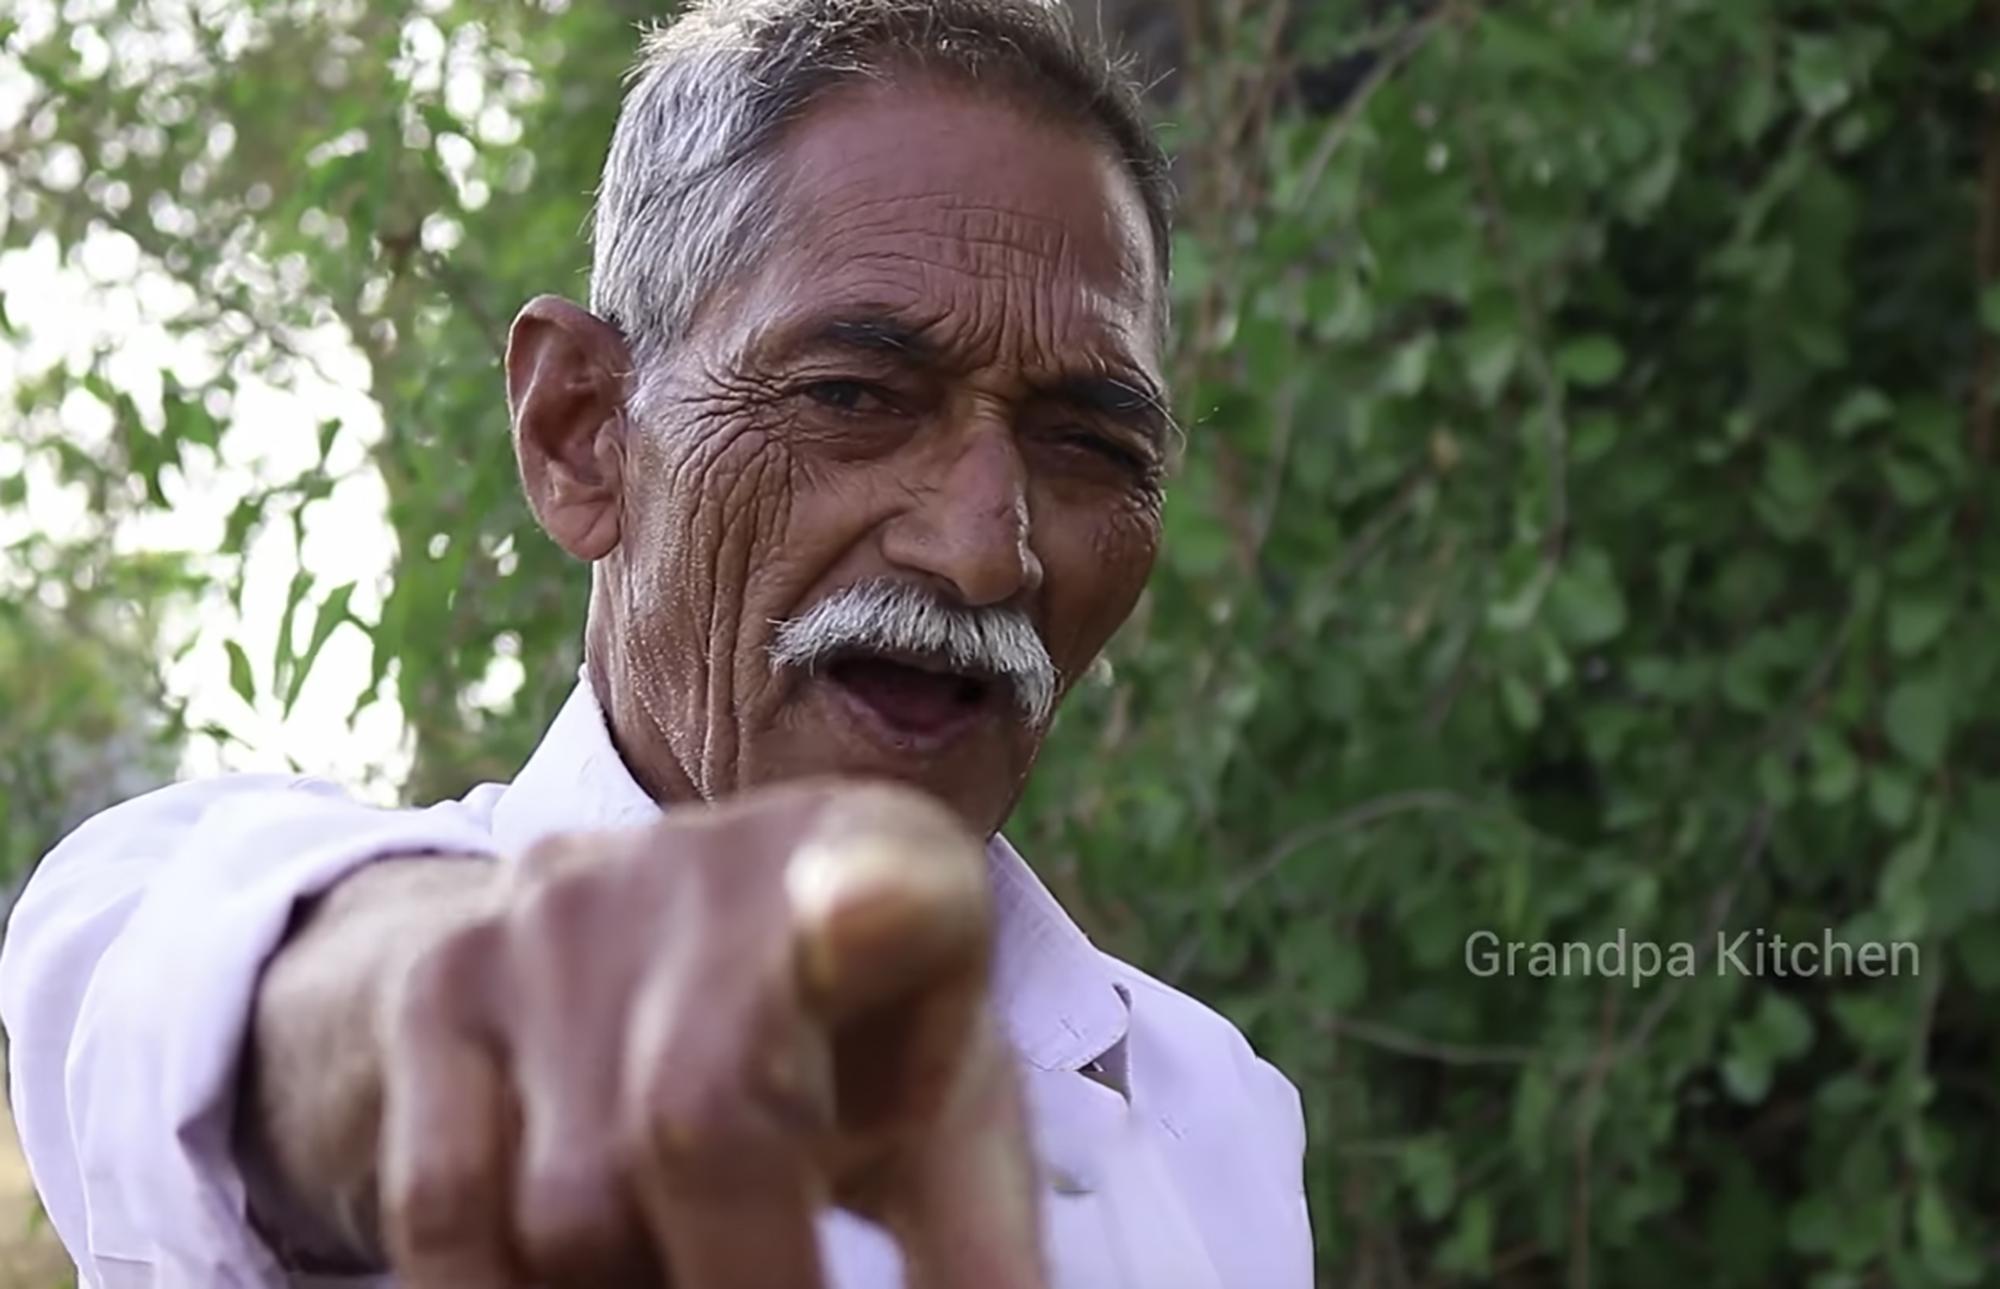 Grandpa Kitchen Beloved Indian Youtuber Dead At 73